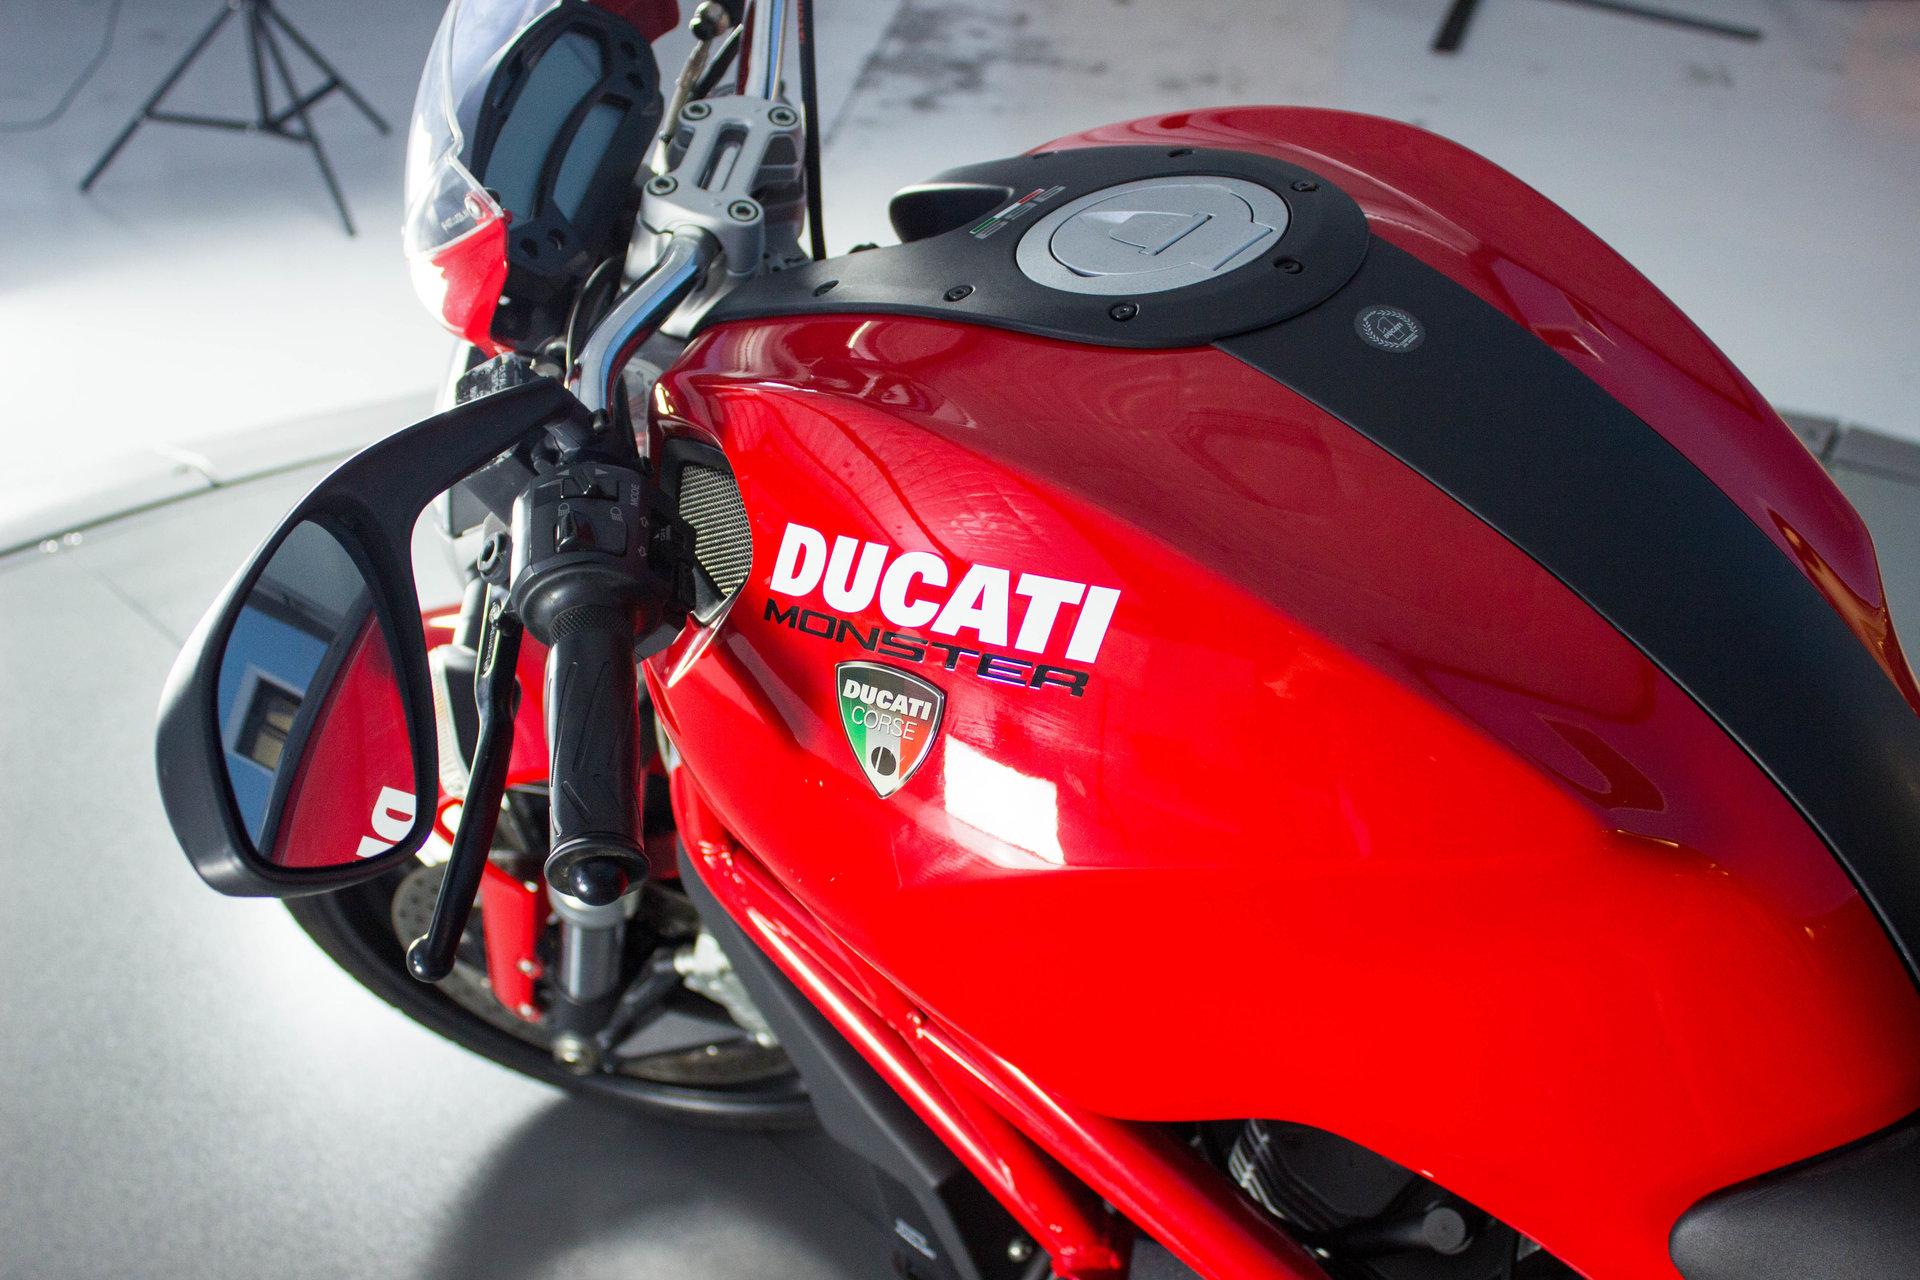 Ducati Dealer Tampa